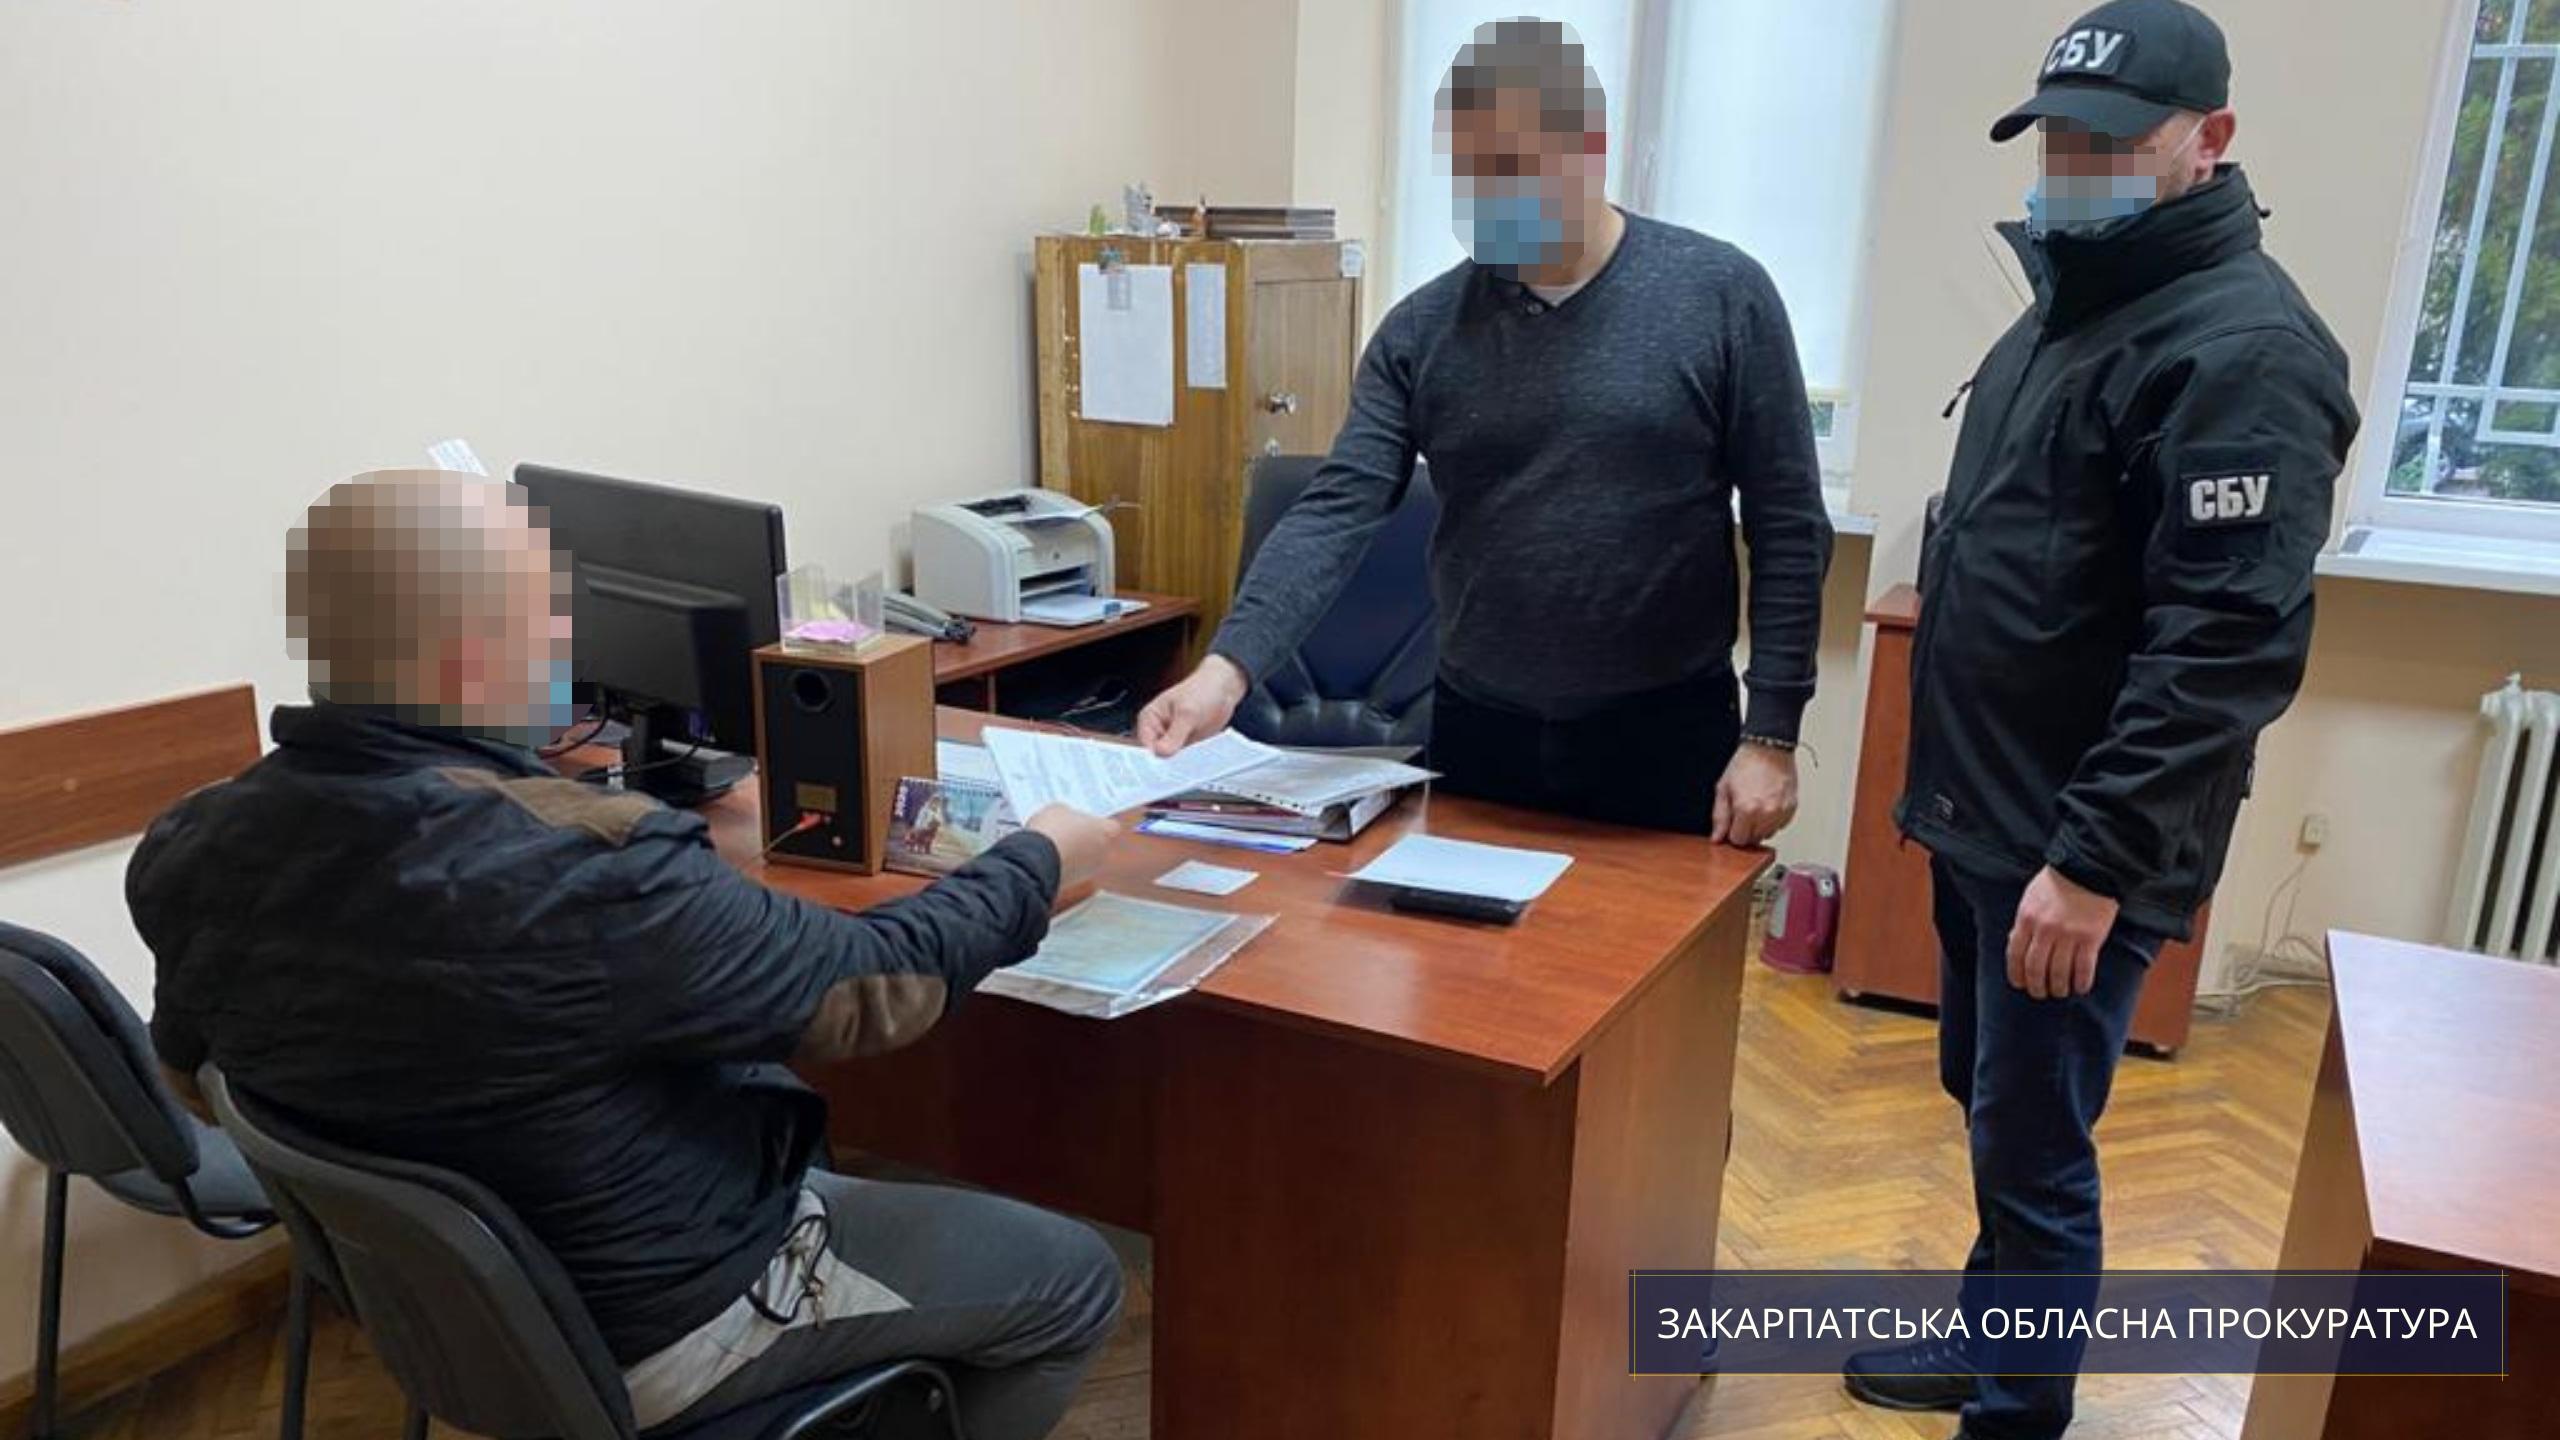 """Закарпатця, звинуваченого у посяганні на територіальну цілісність України, засудили до 3-х років тюрми """"іспитово"""" (ФОТО)"""